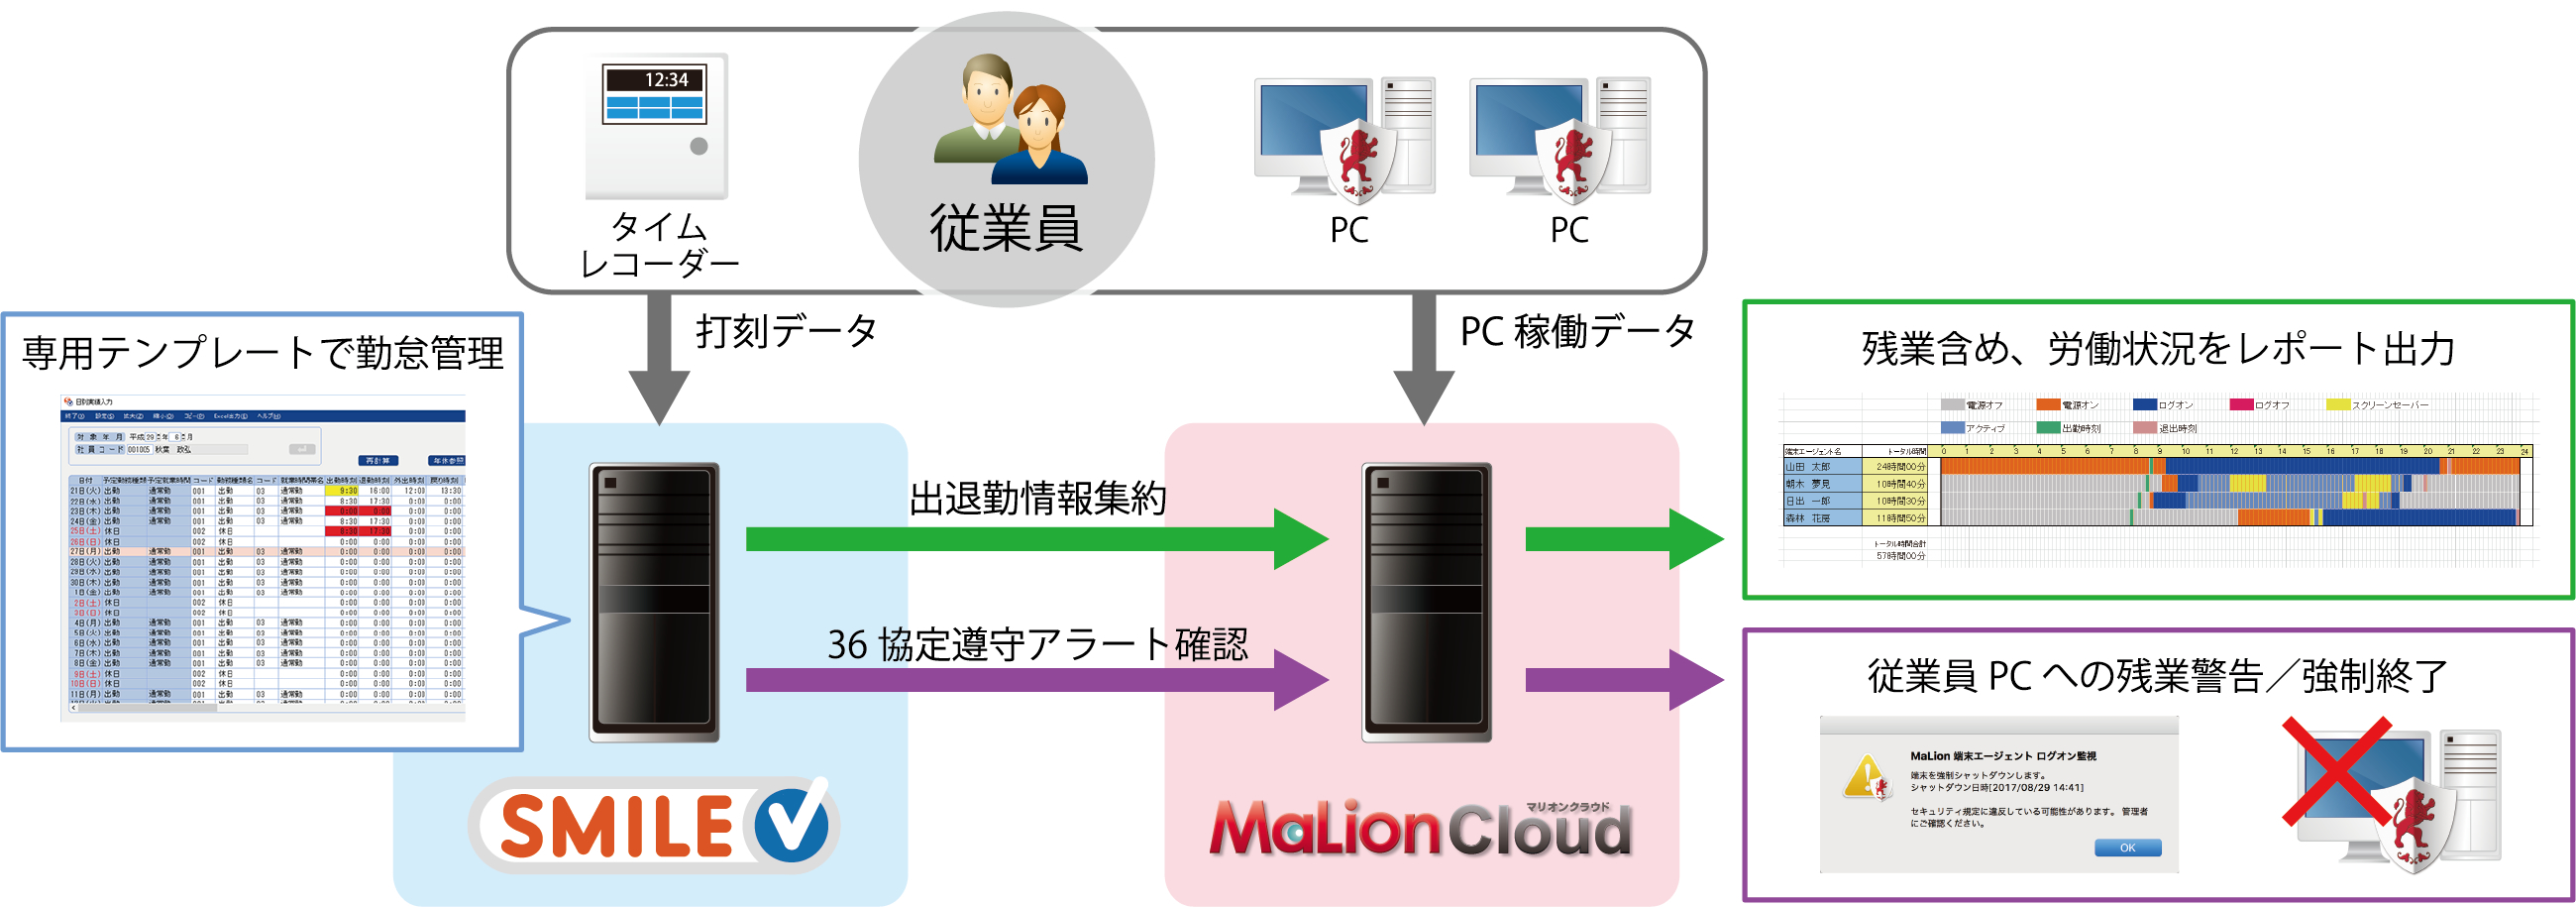 36協定を遵守。「SMILE V」と「MaLionCloud」の連携ソリューション登場